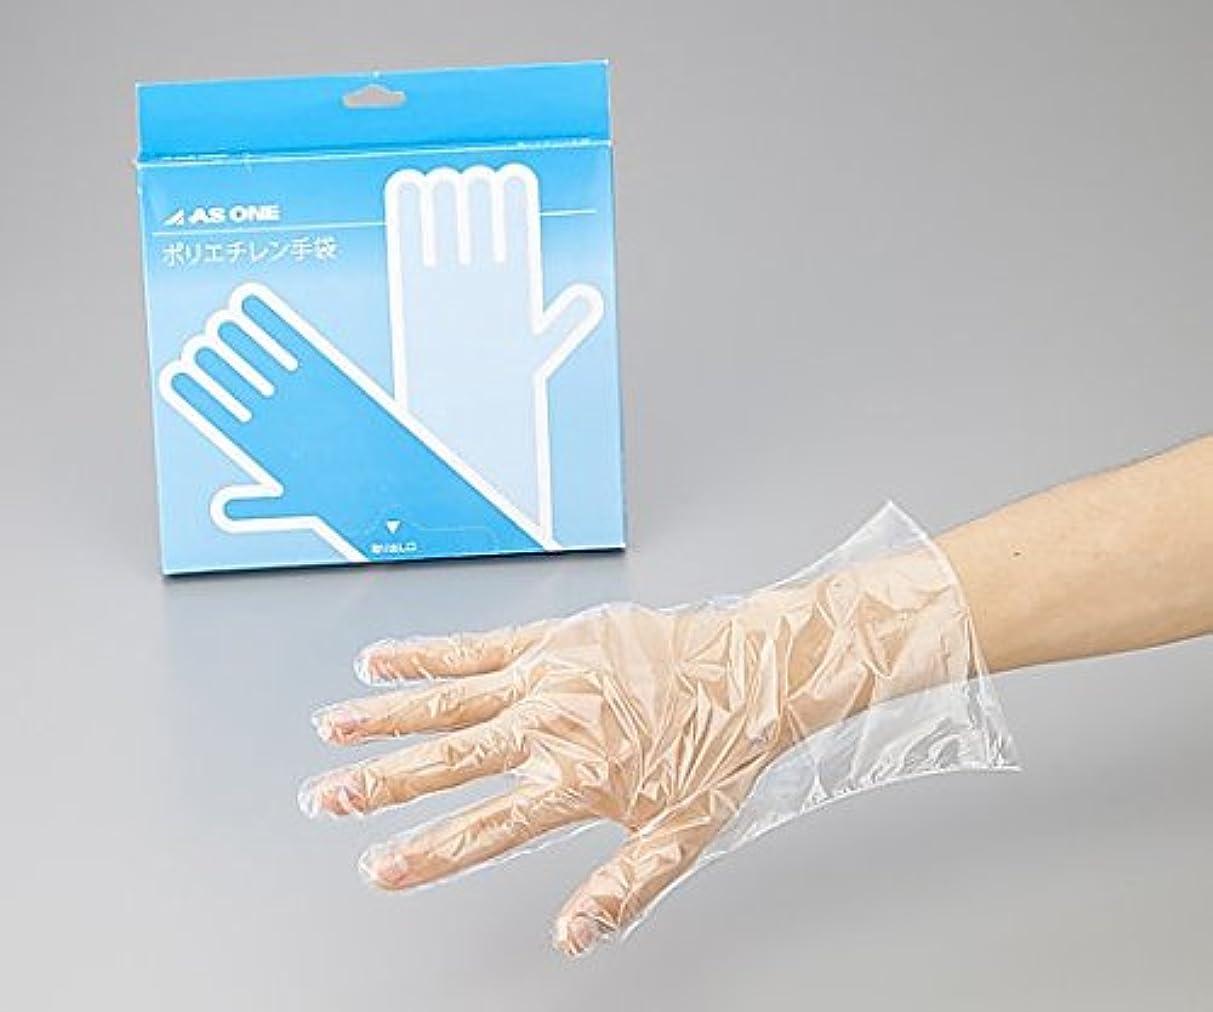 うぬぼれた加害者みすぼらしいアズワン2-4973-01ポリエチレン手袋スタンダード標準厚L100枚入